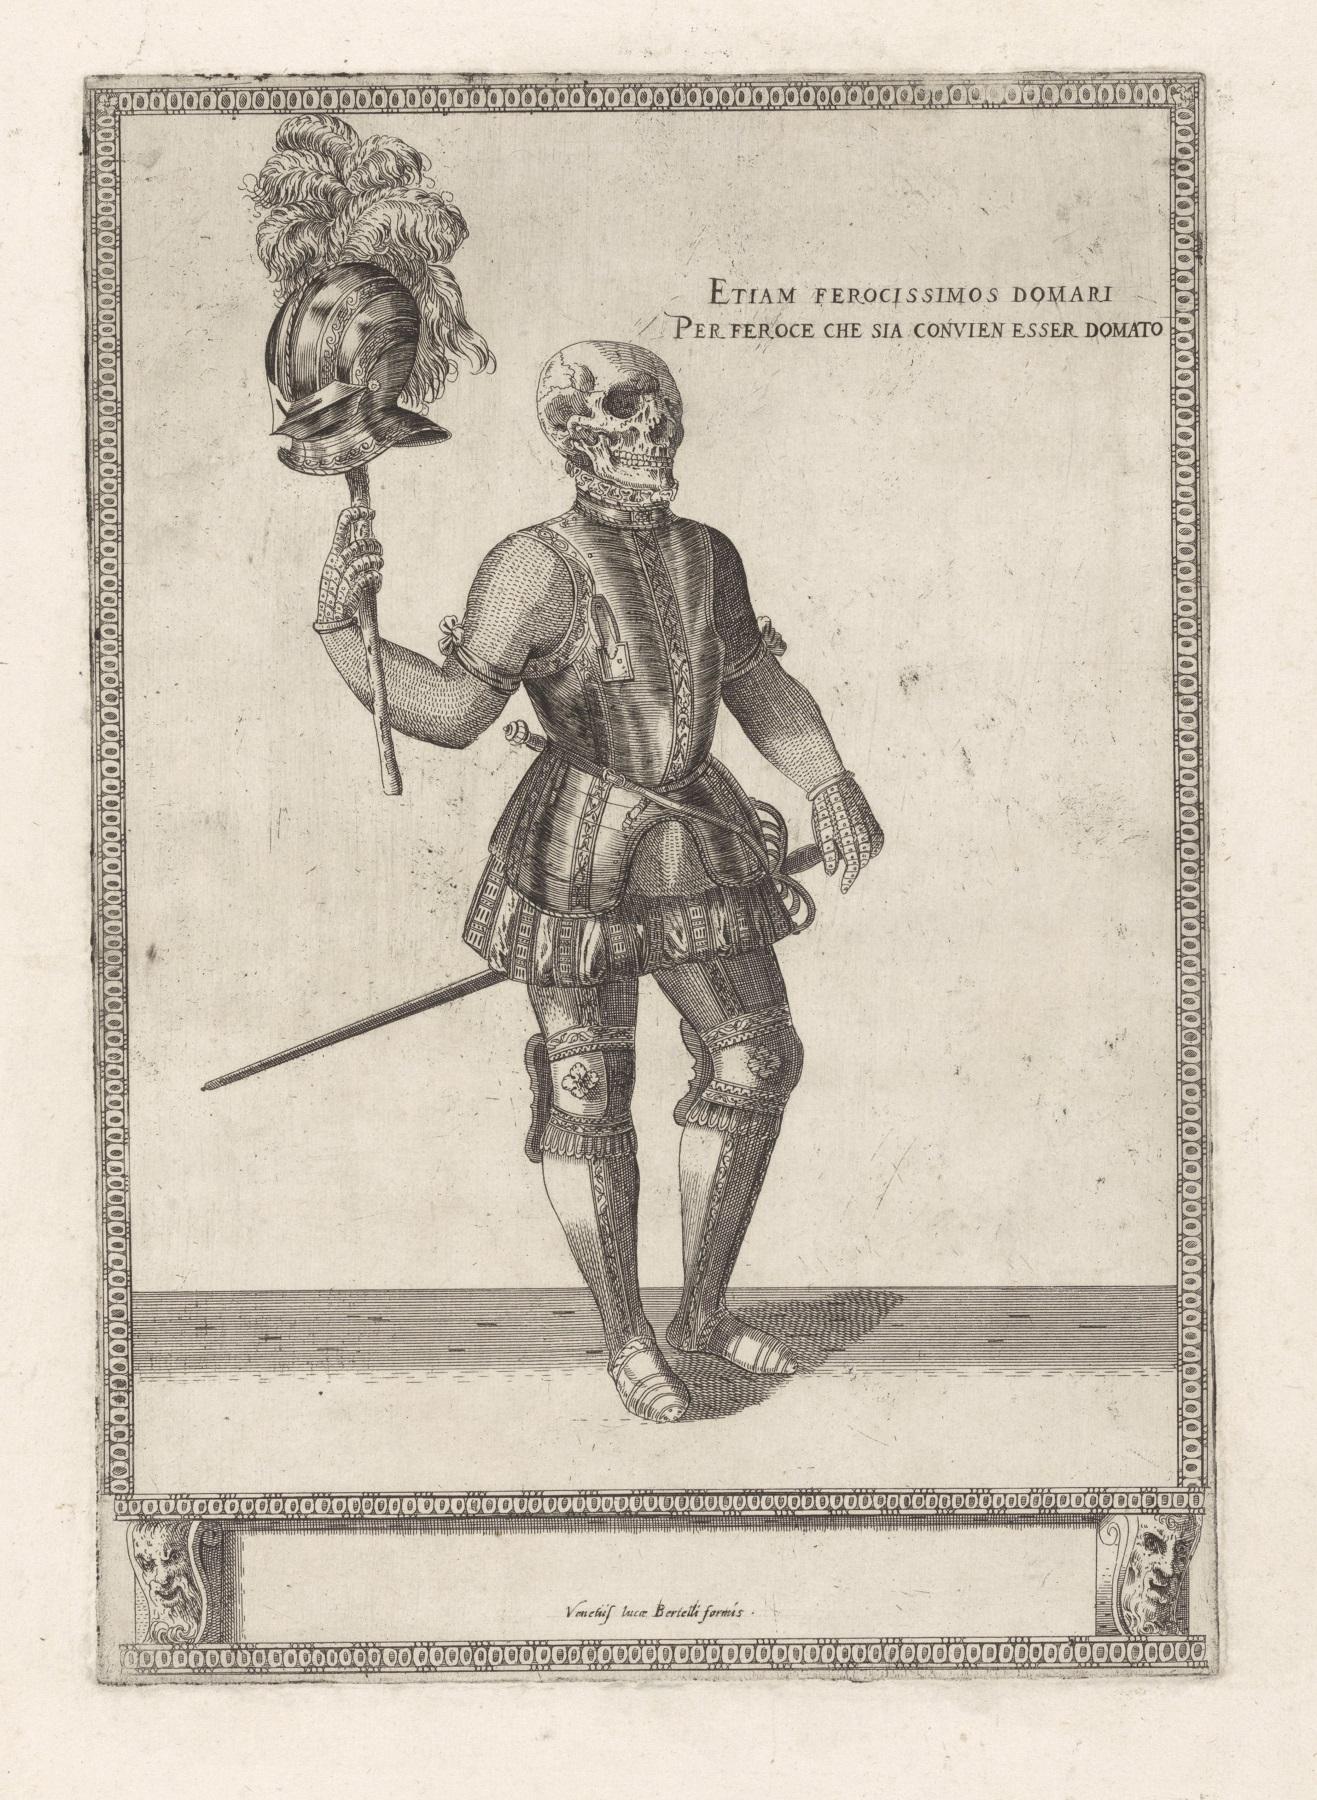 Szkielet w zbroi